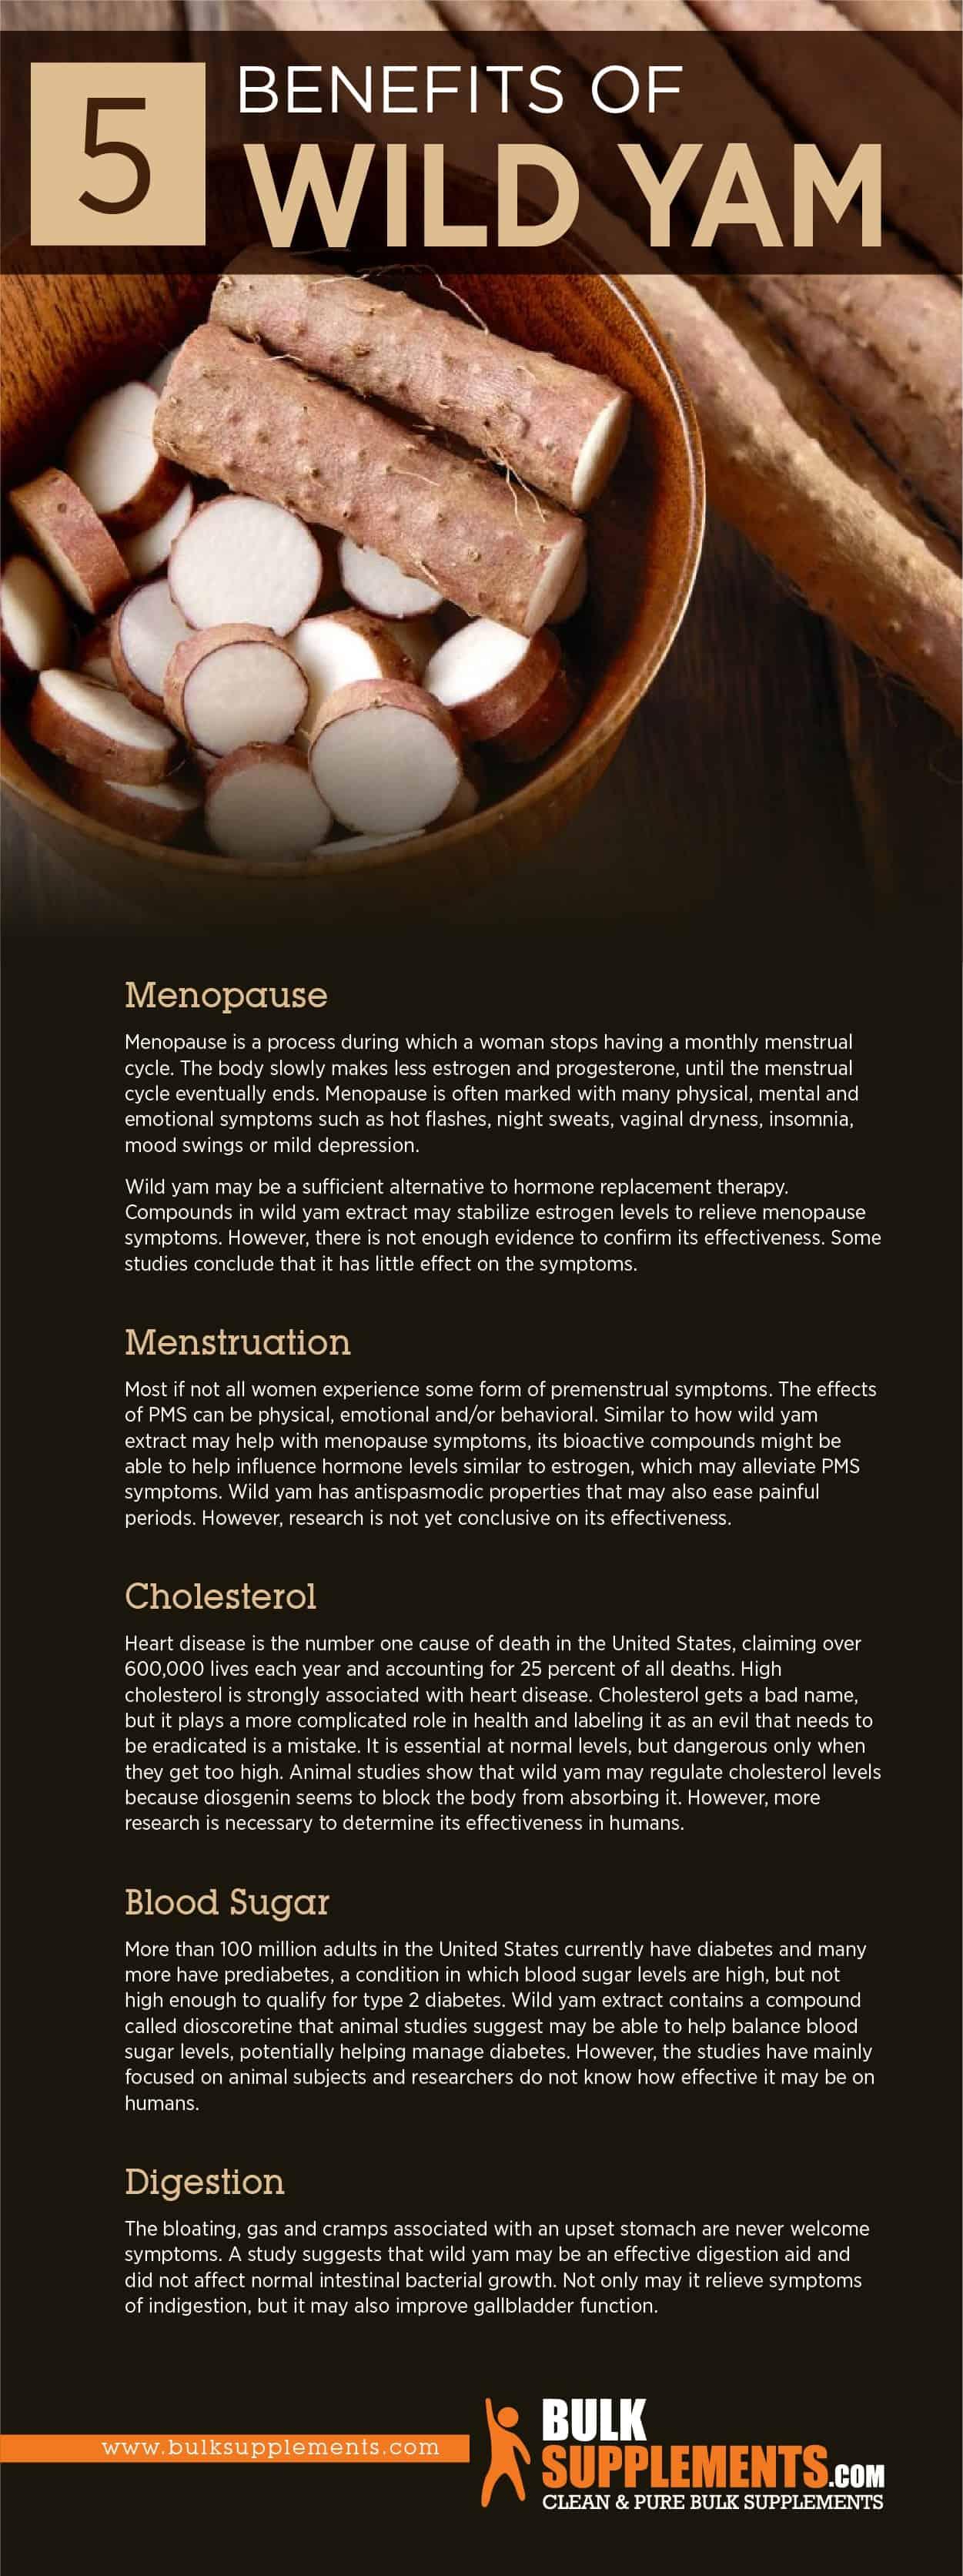 Wild Yam Benefits